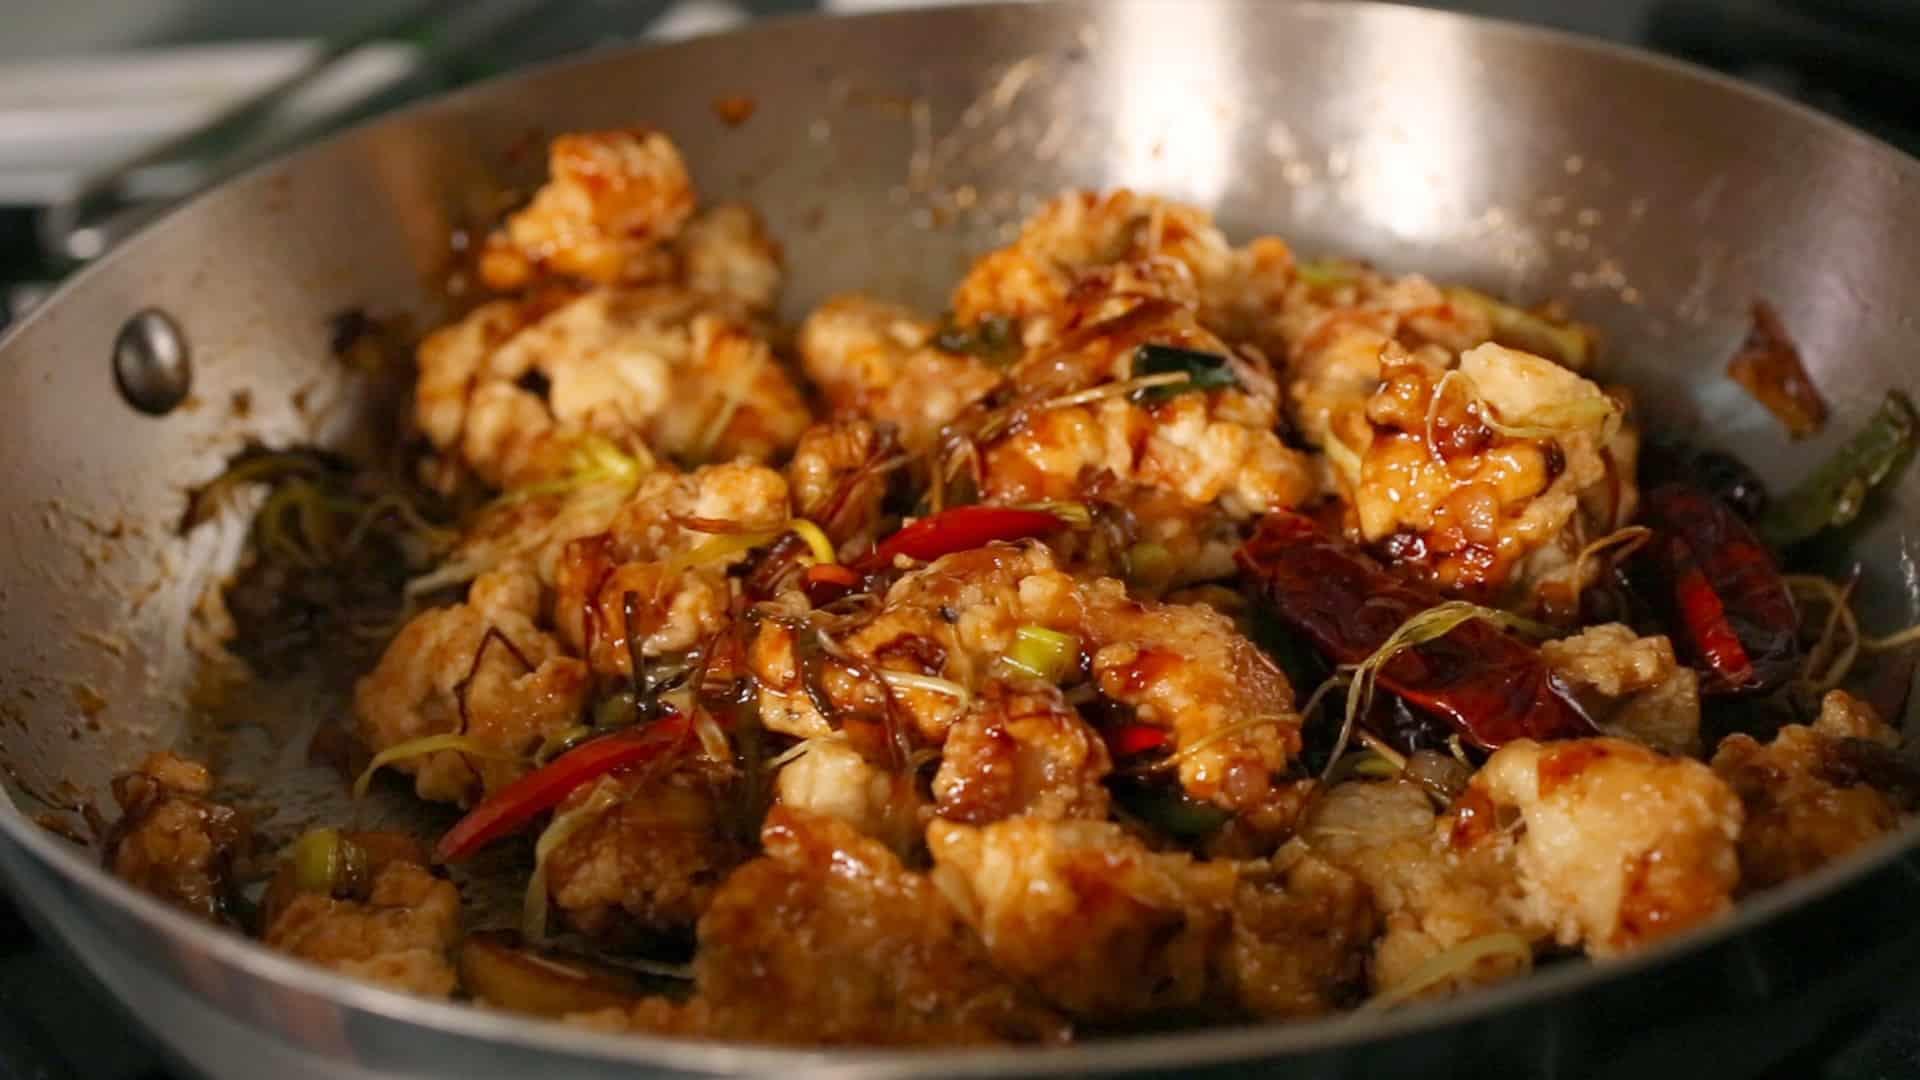 Spicy Garlic Fried Chicken Kkanpunggi 깐풍기 Recipe